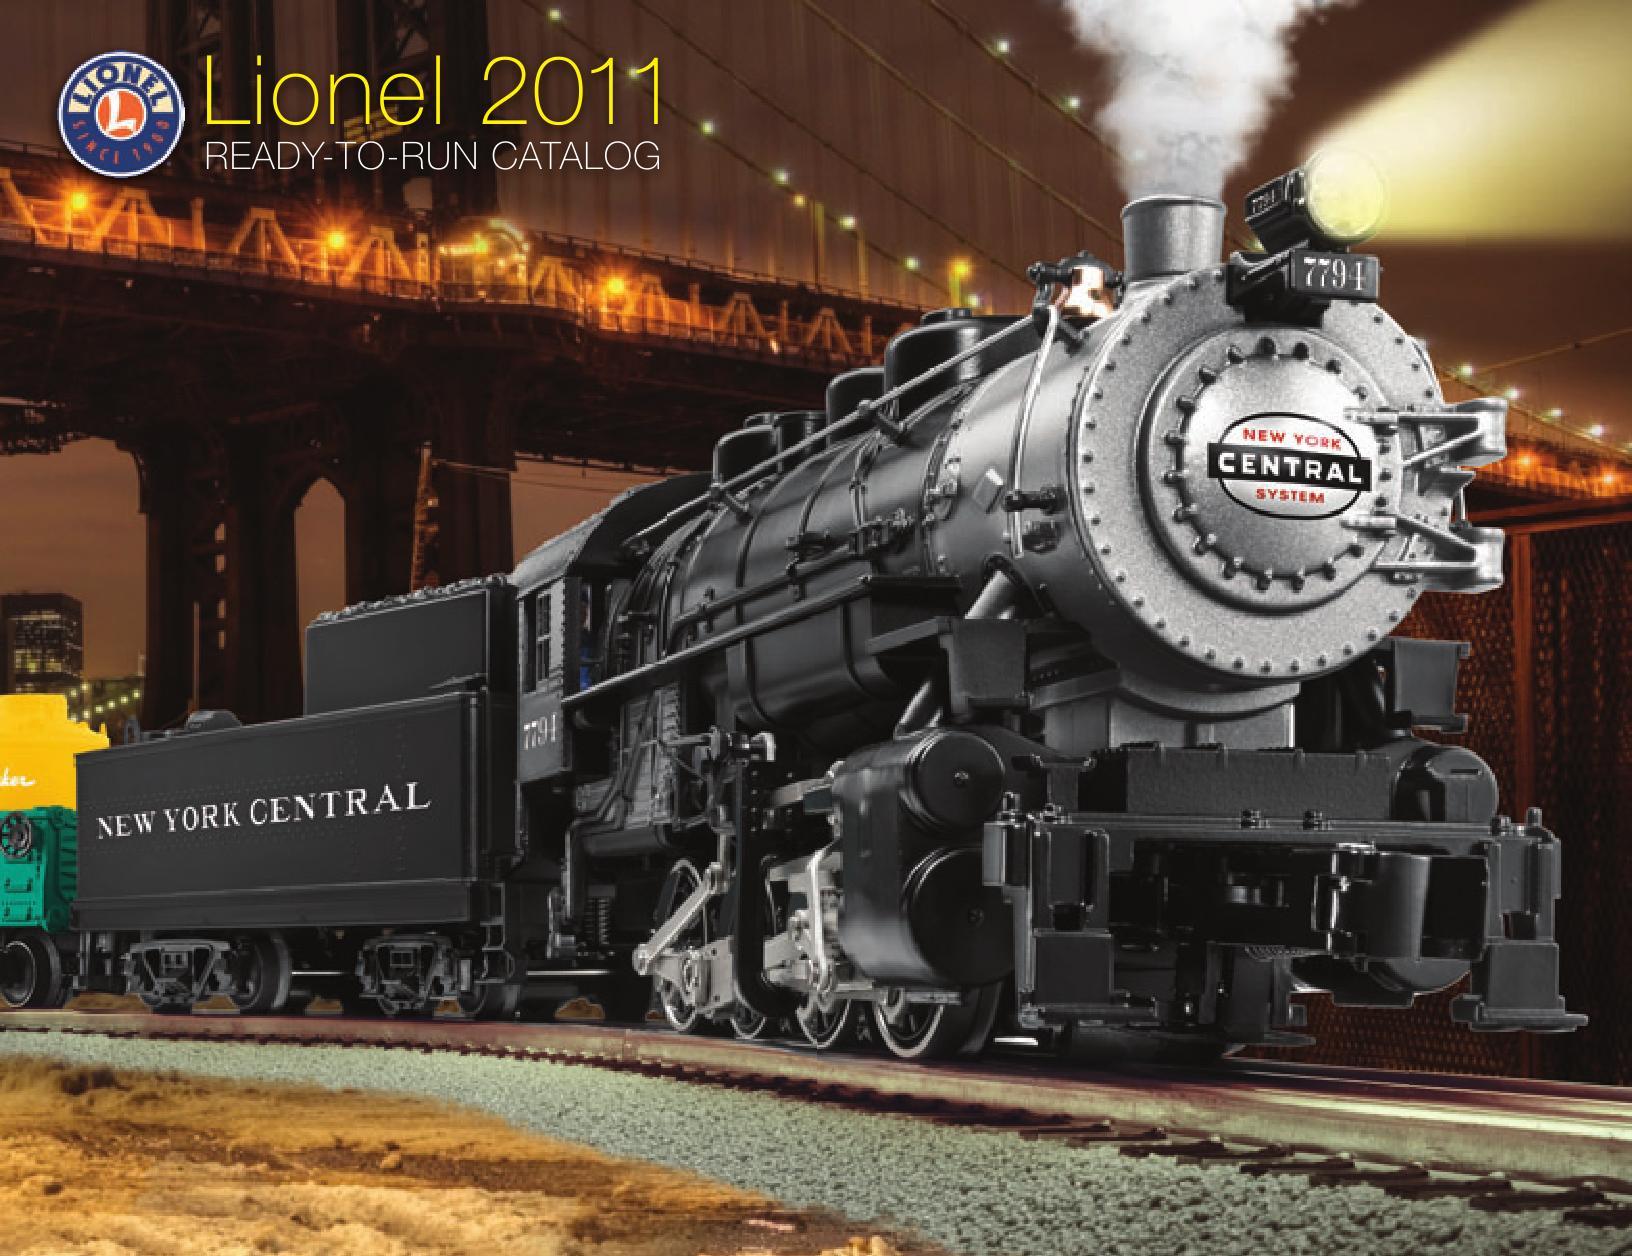 Lionel Catalogs - Ready To Run 2011